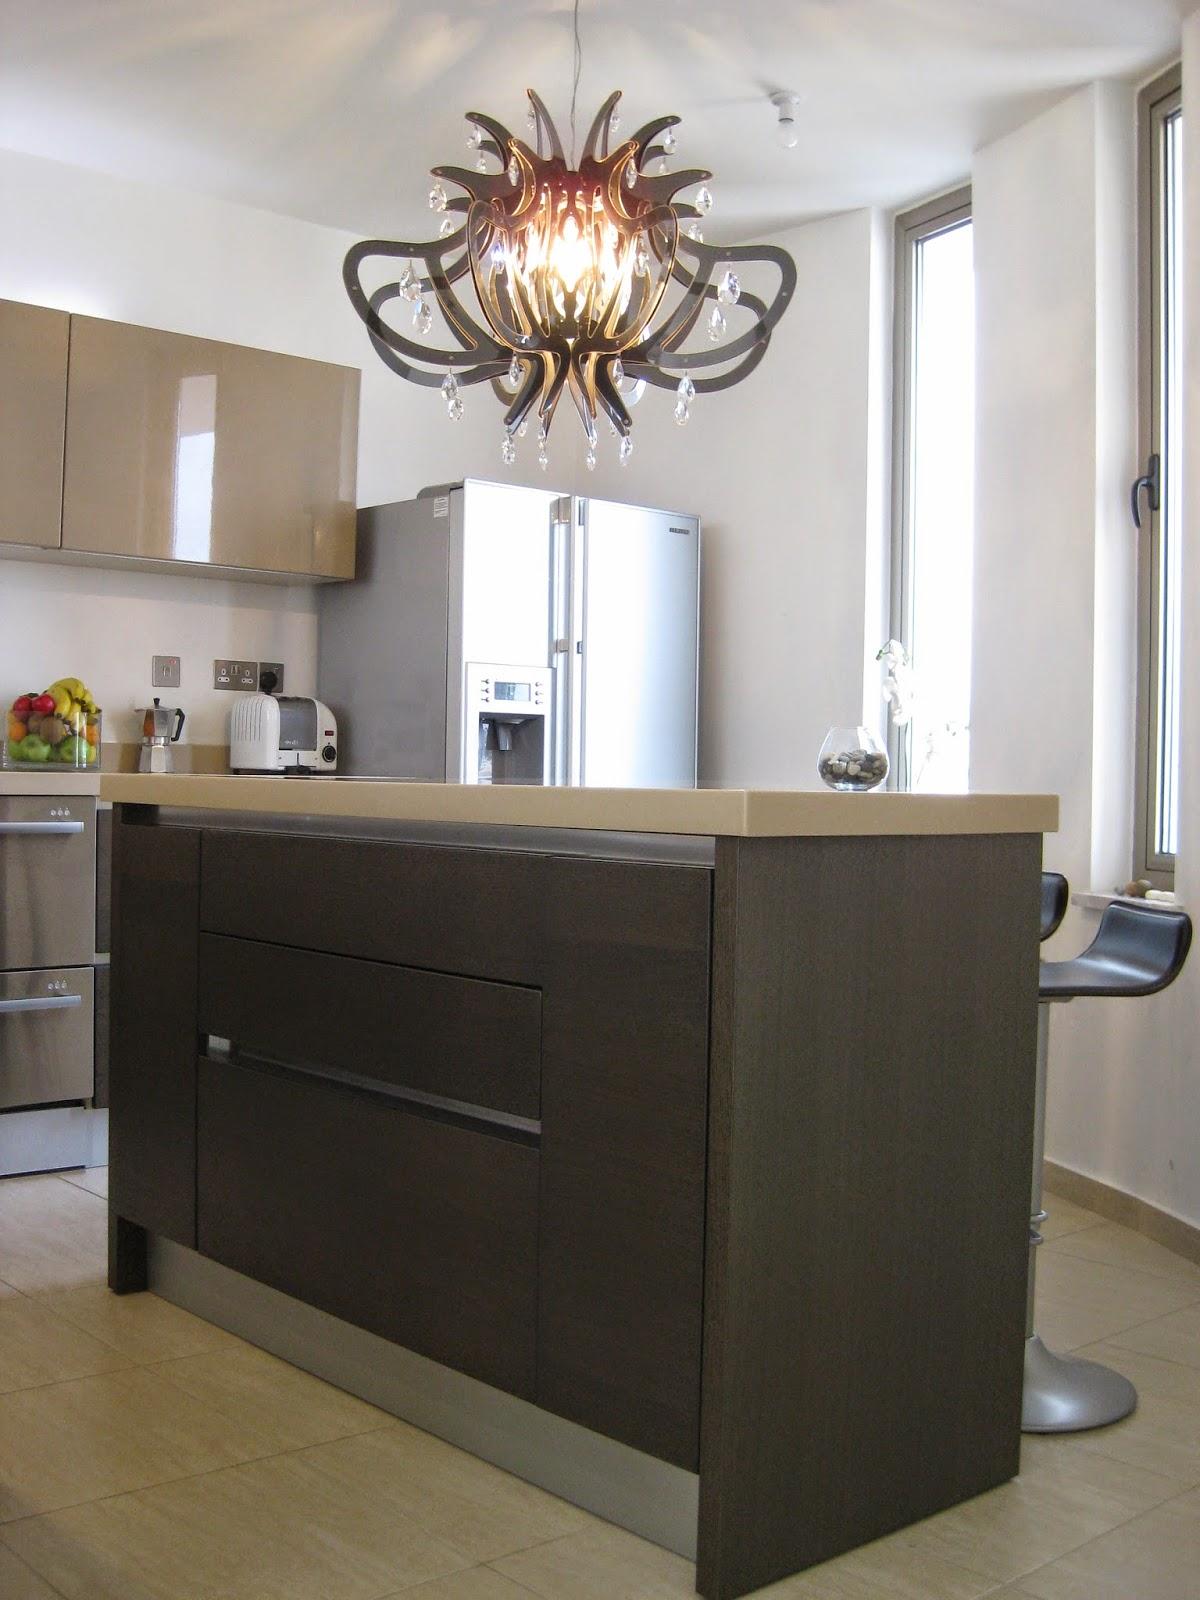 Kitchen island.  Design: www.brightspacedesign.com